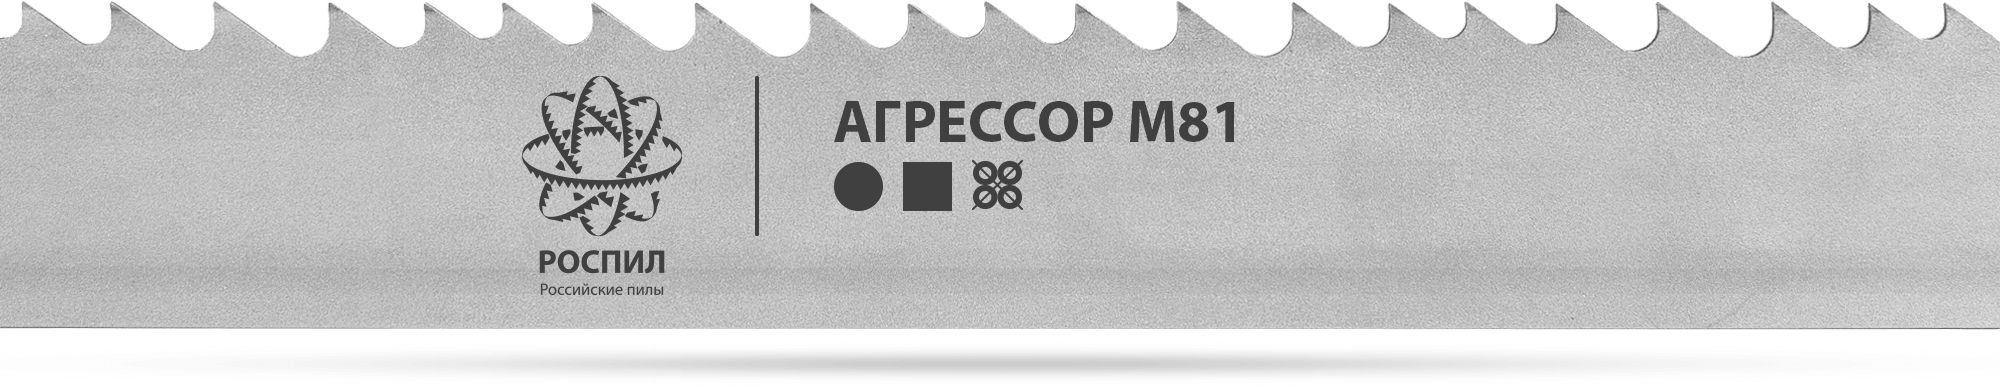 РОСПИЛ АГРЕССОР М81